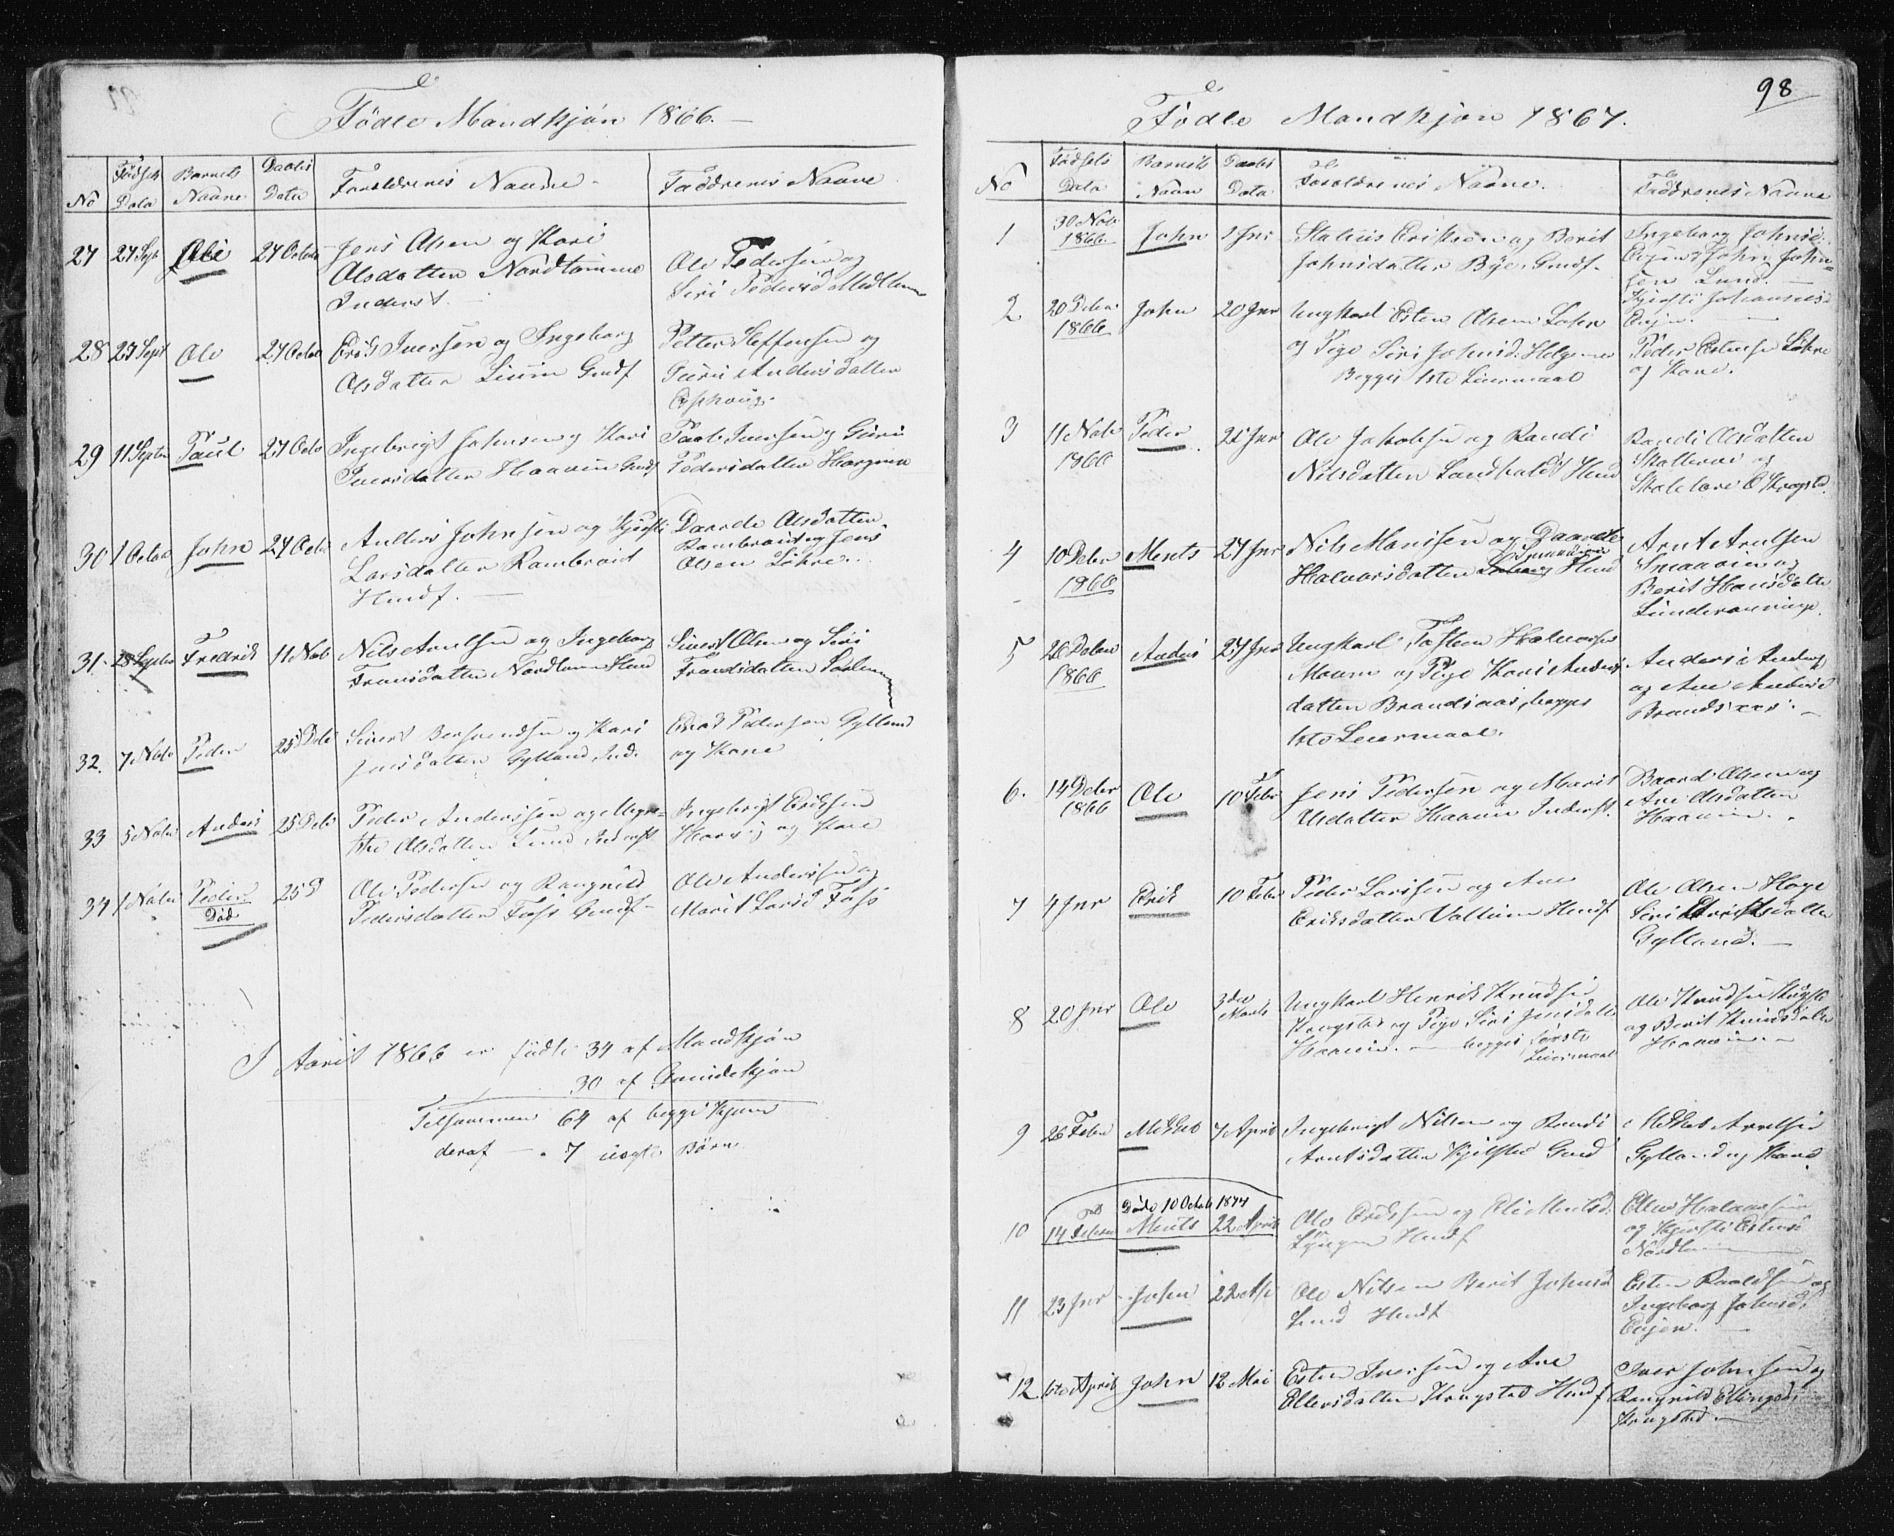 SAT, Ministerialprotokoller, klokkerbøker og fødselsregistre - Sør-Trøndelag, 692/L1110: Klokkerbok nr. 692C05, 1849-1889, s. 98